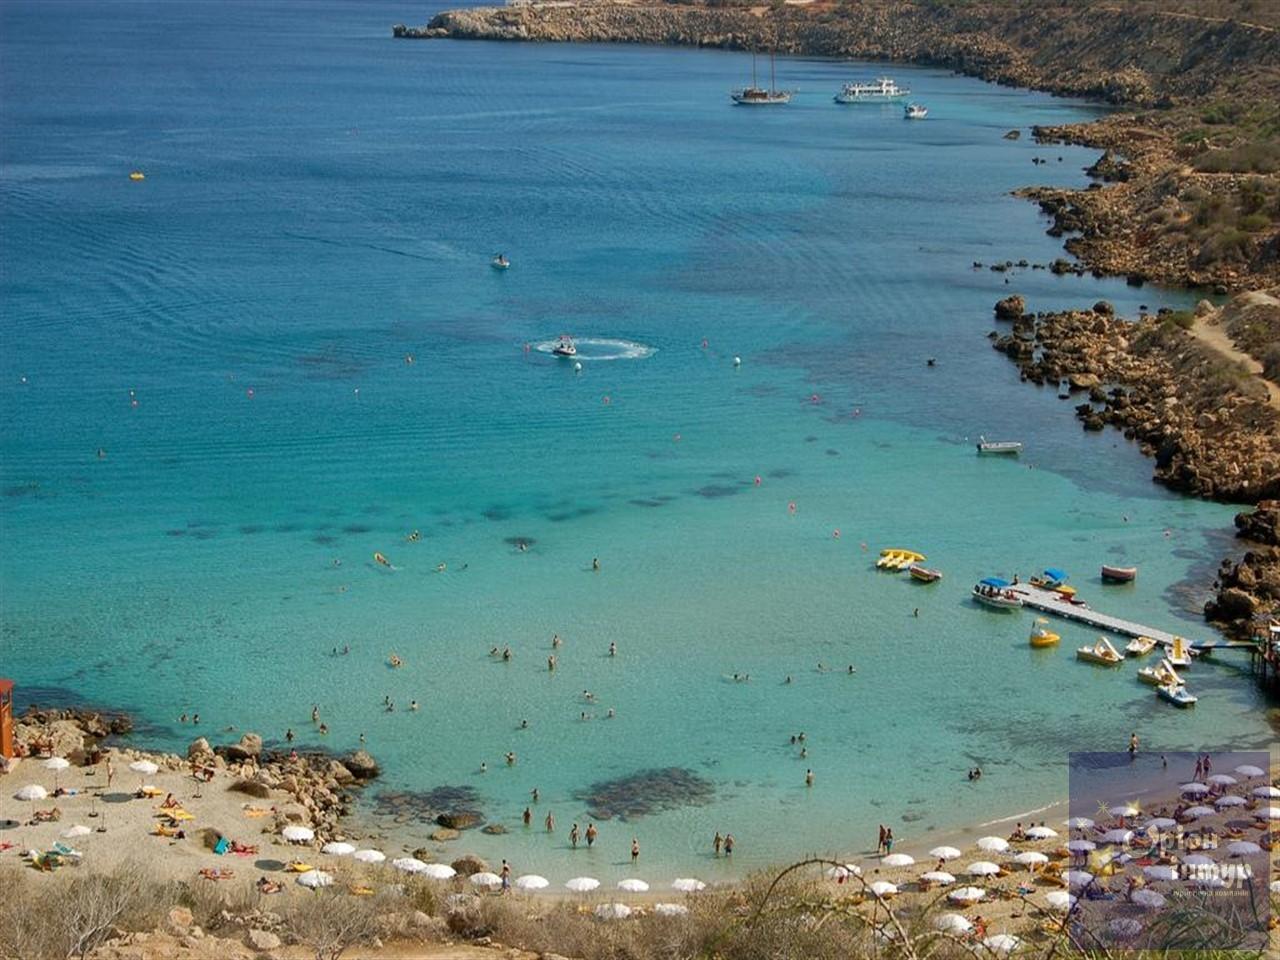 نتيجة بحث الصور عن خليج كونوس